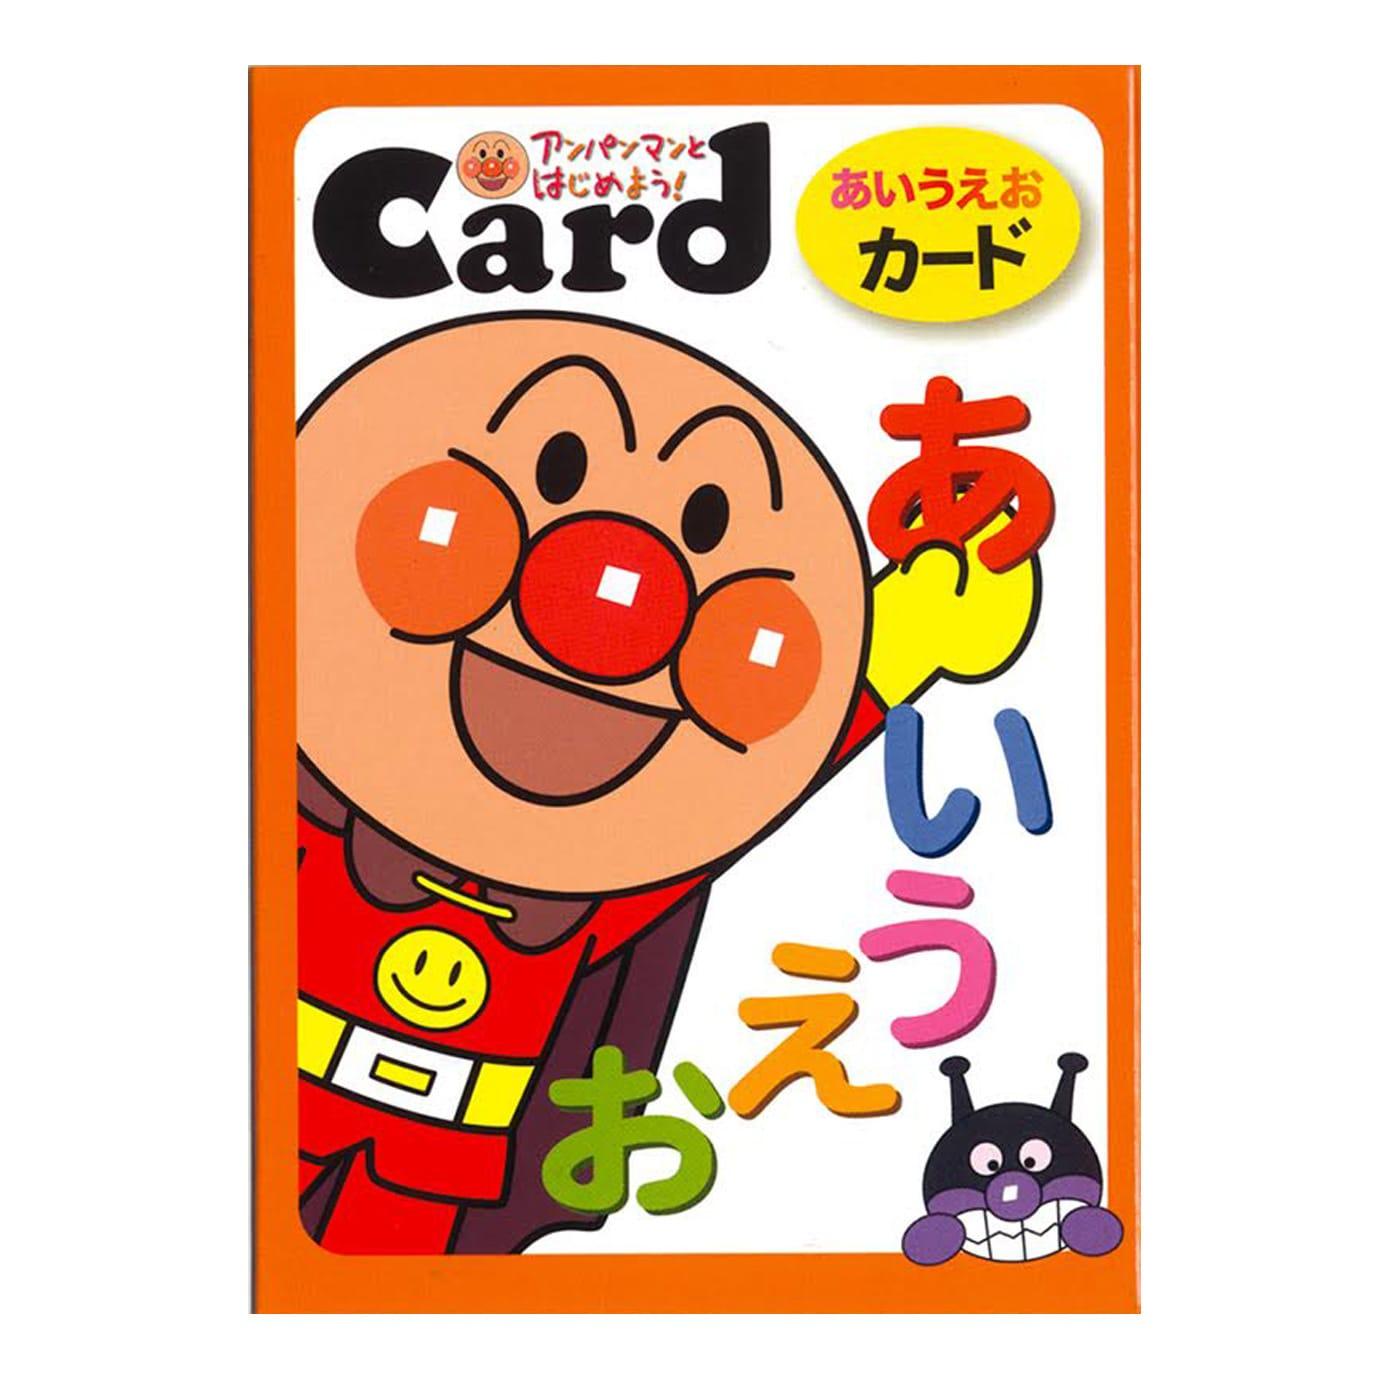 [東京都]アンパンマンとはじめよう「あいうえおカード」<:V04904999028:>